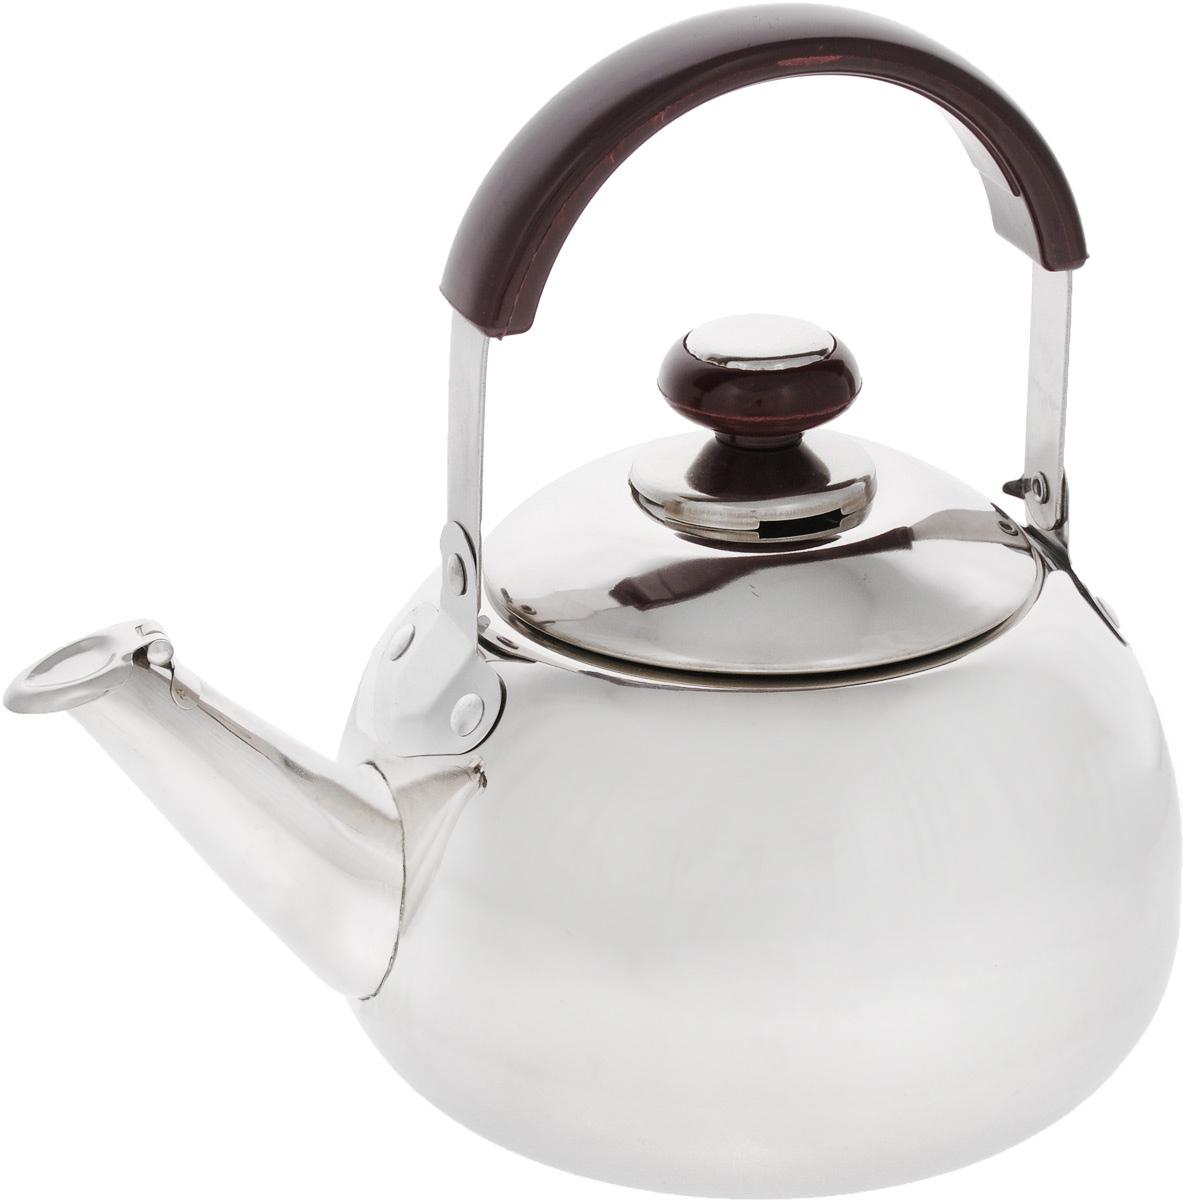 Чайник Mayer & Boch, со свистком, 2 л. 252294672Чайник Mayer & Boch изготовлен из высококачественной нержавеющей стали. Он оснащен подвижной ручкой из стали с бакелитовой накладкой, что делает использование чайника очень удобным и безопасным. Крышка снабжена свистком, позволяя контролировать процесс подогрева или кипячения воды.Эстетичный и функциональный чайник будет оригинально смотреться в любом интерьере.Подходит для газовых, электрических и стеклокерамических плит. Можно мыть в посудомоечной машине.Высота чайника (без учета ручки и крышки): 11,5 см.Высота чайника (с учетом ручки и крышки): 21 см.Диаметр чайника (по верхнему краю): 10 см.Диаметр основания: 14 см.